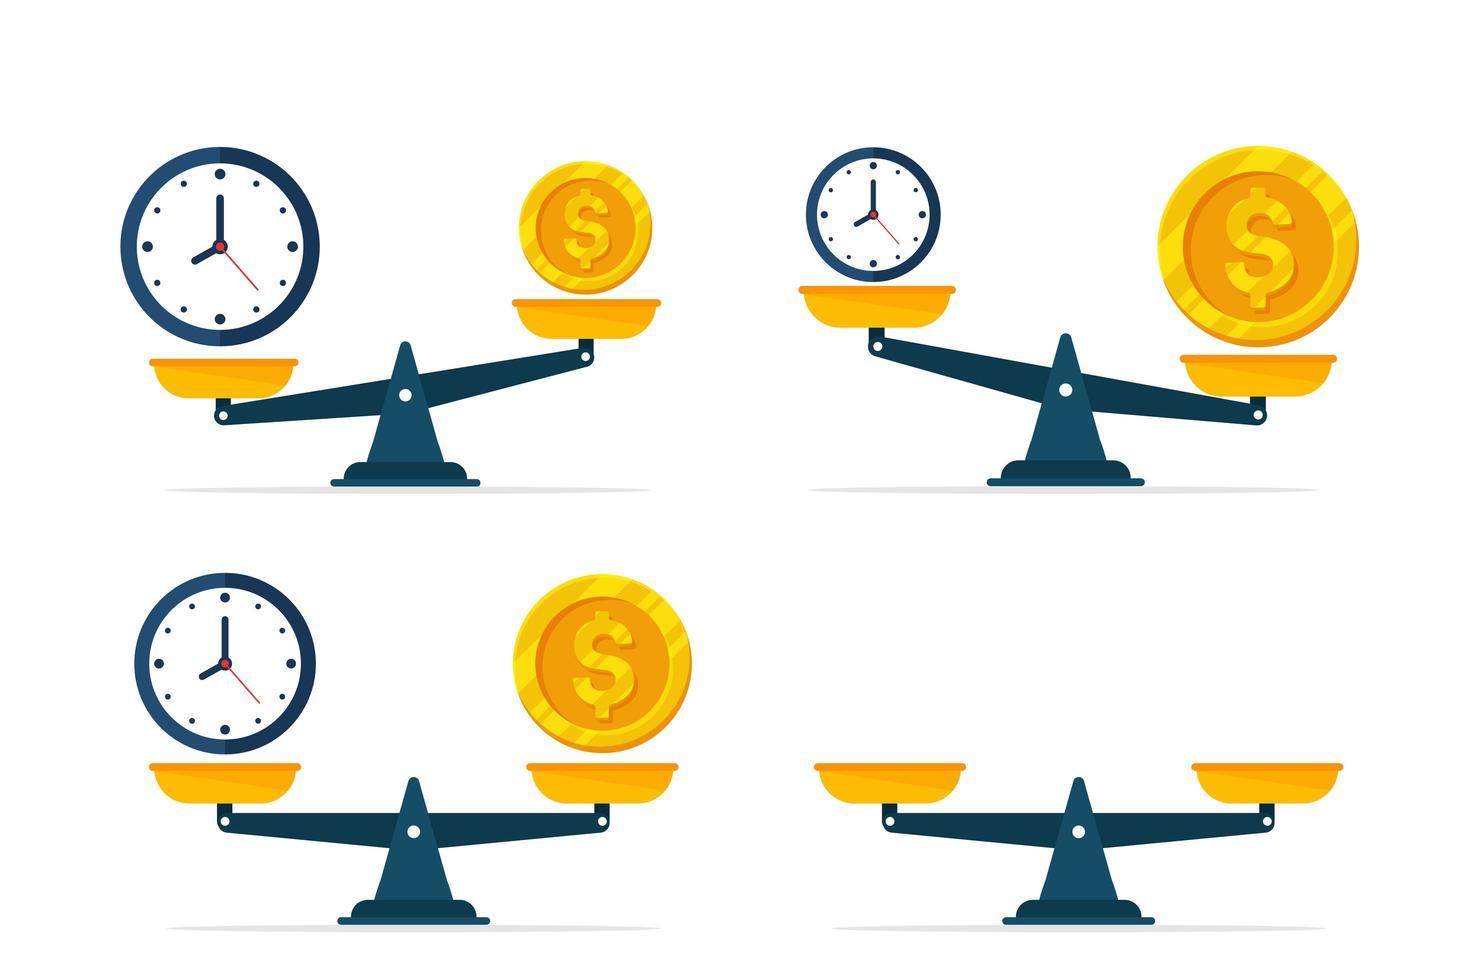 Aantal horloges en geld op schalen vector